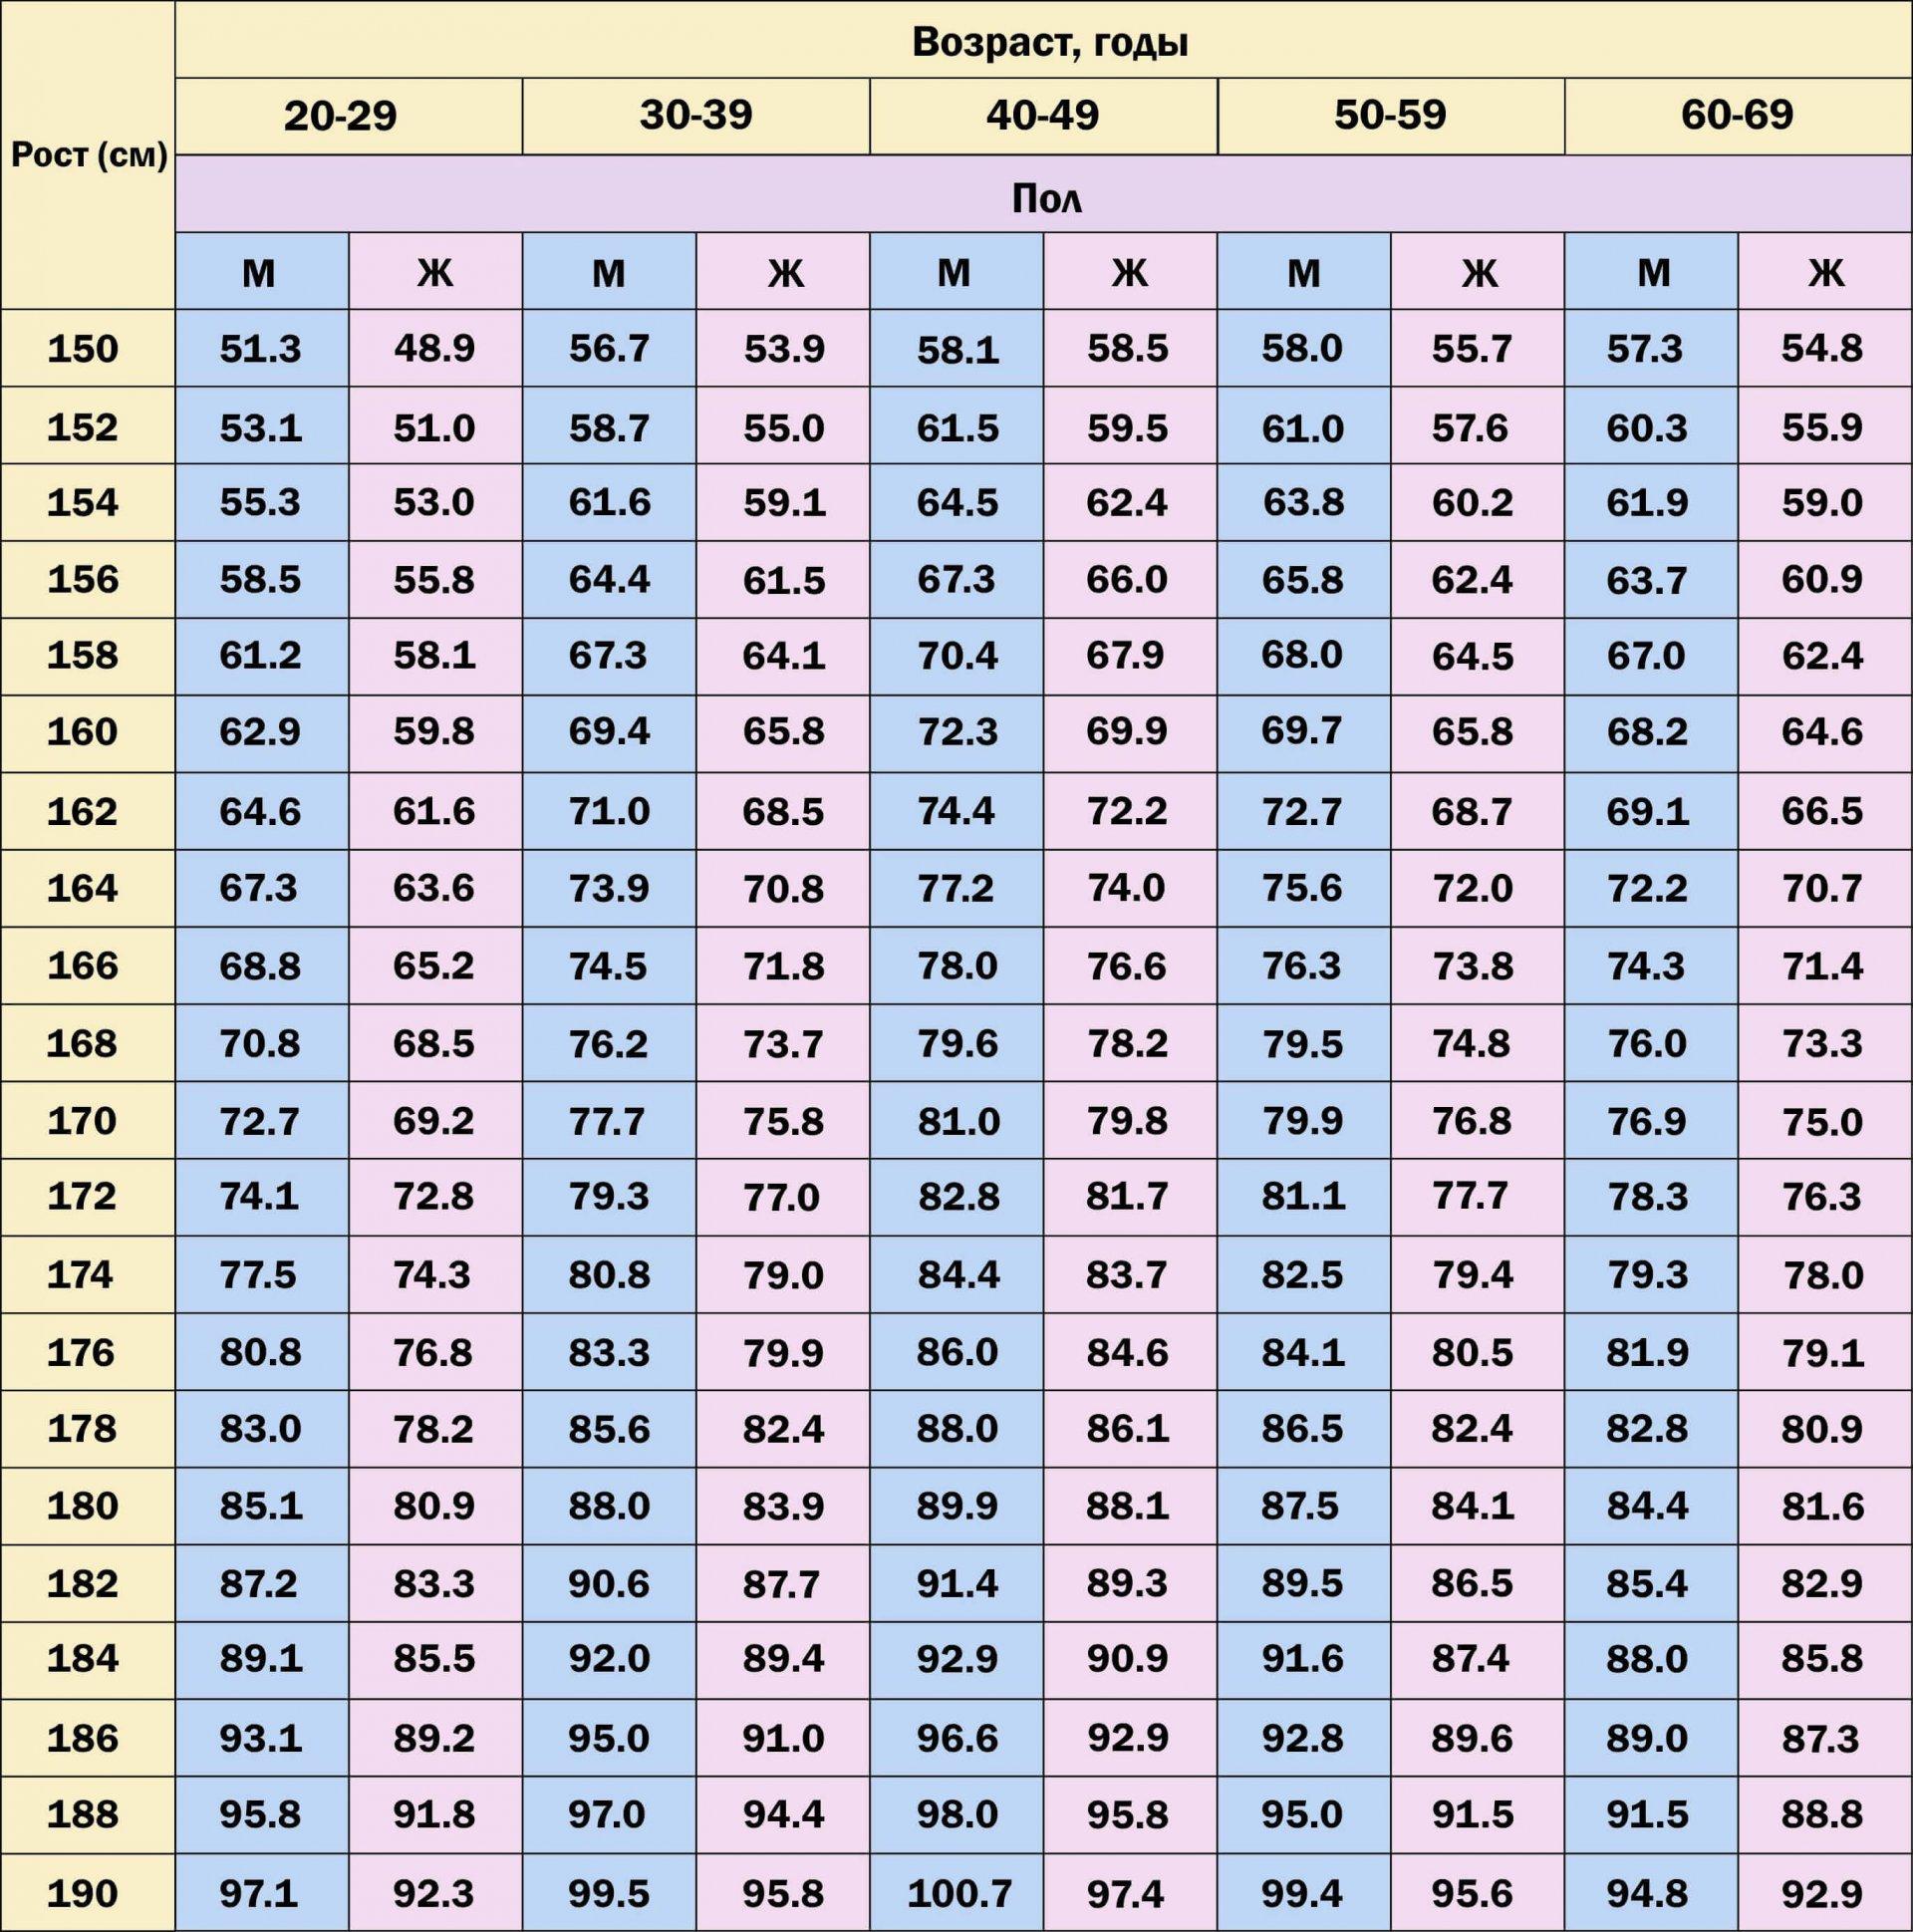 Как вычислить идеальный вес по росту модельный бизнес озёрск